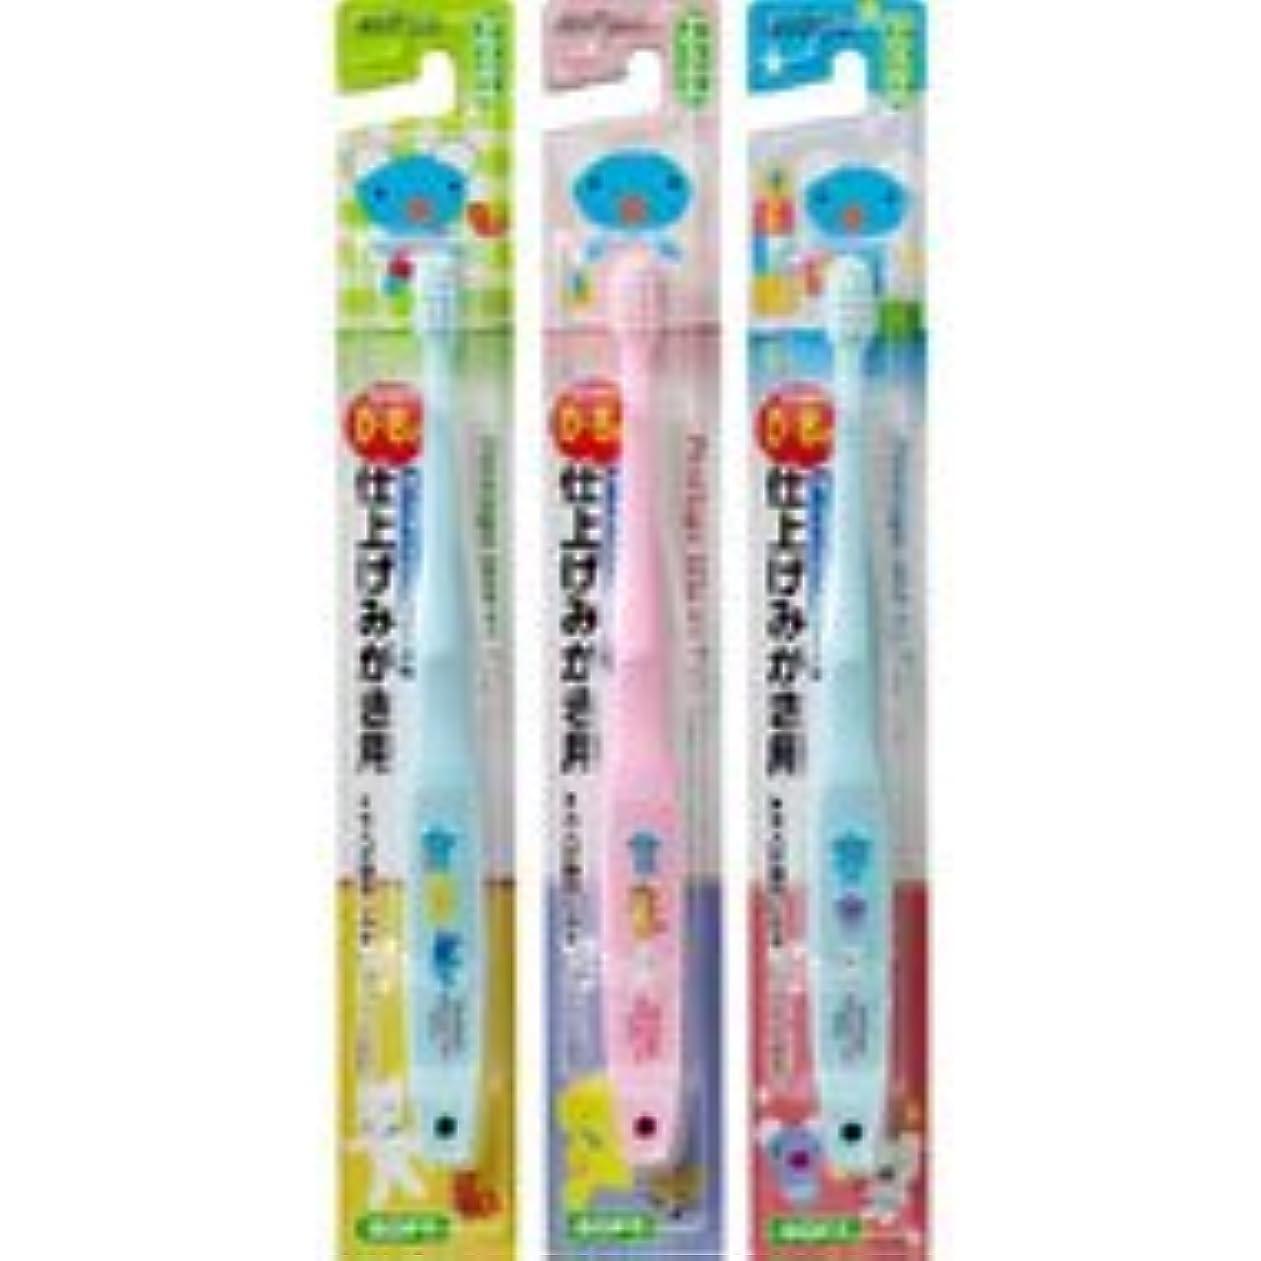 唯物論気づくなるスプリットペネロペ仕上げ磨き用歯ブラシ 3本 ※種類は当店お任せとなります